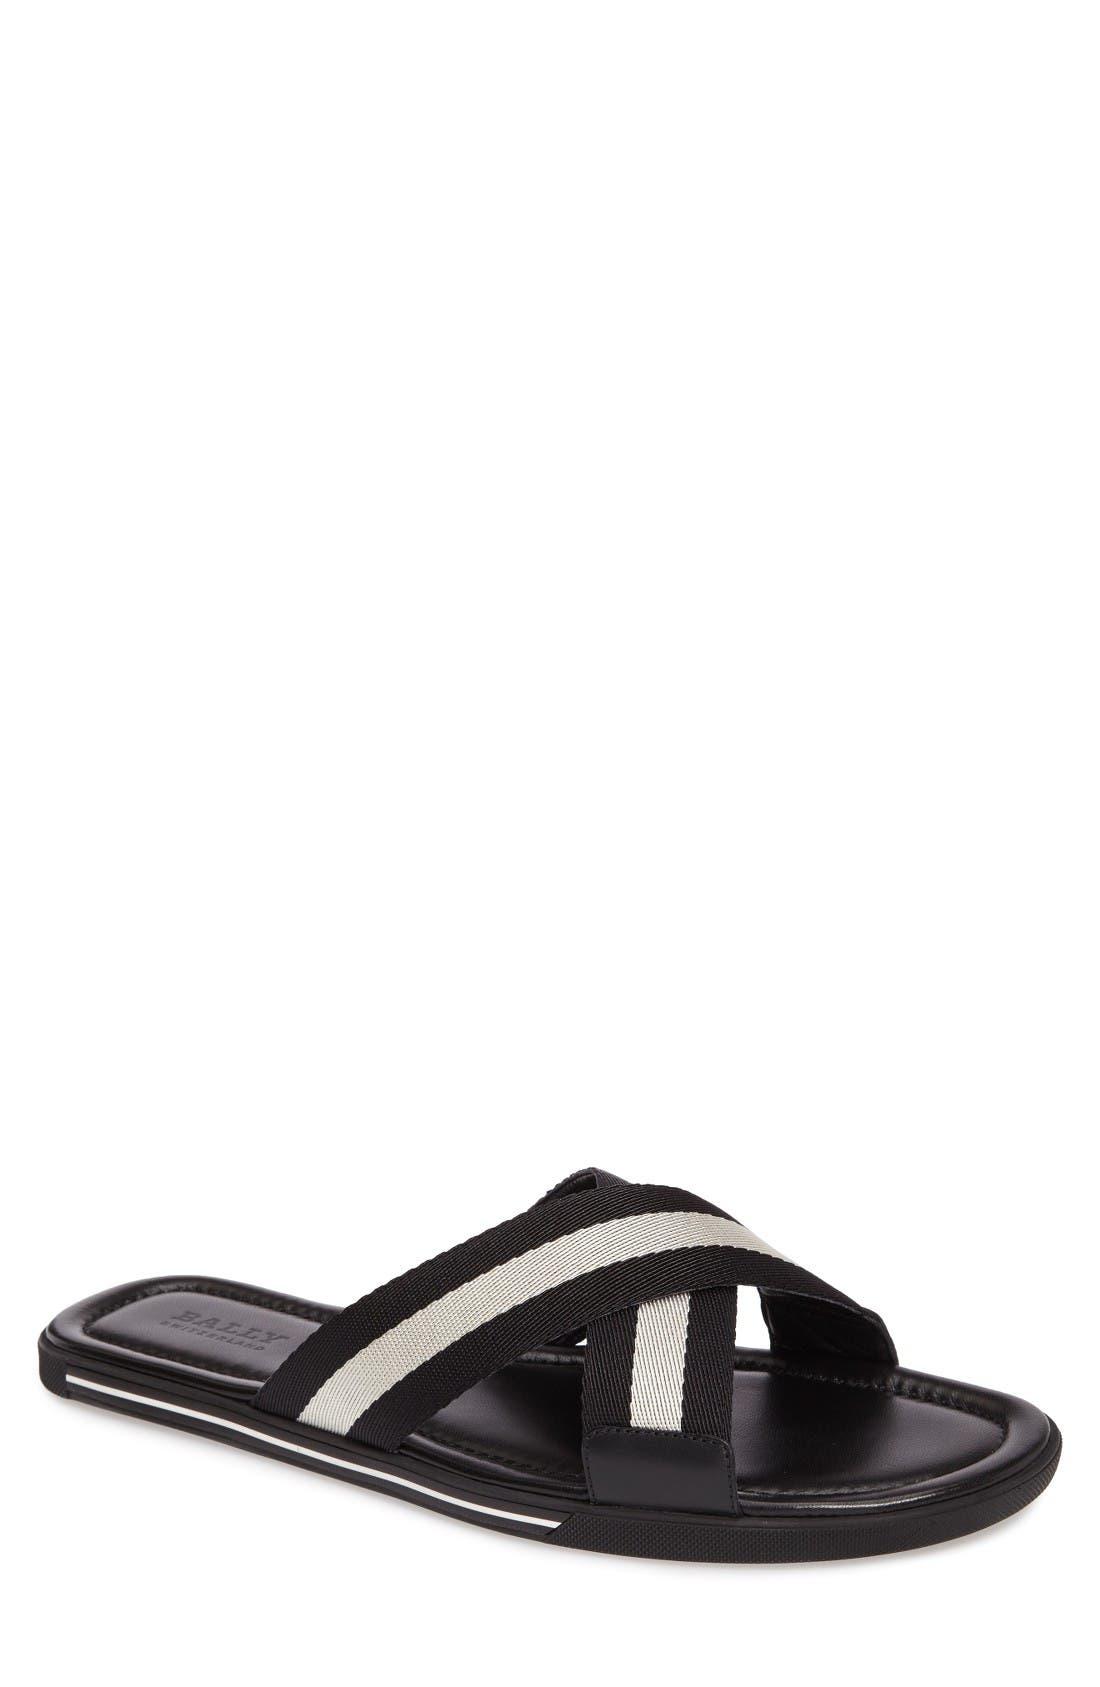 Bally Bonks Slide Sandal (Men)